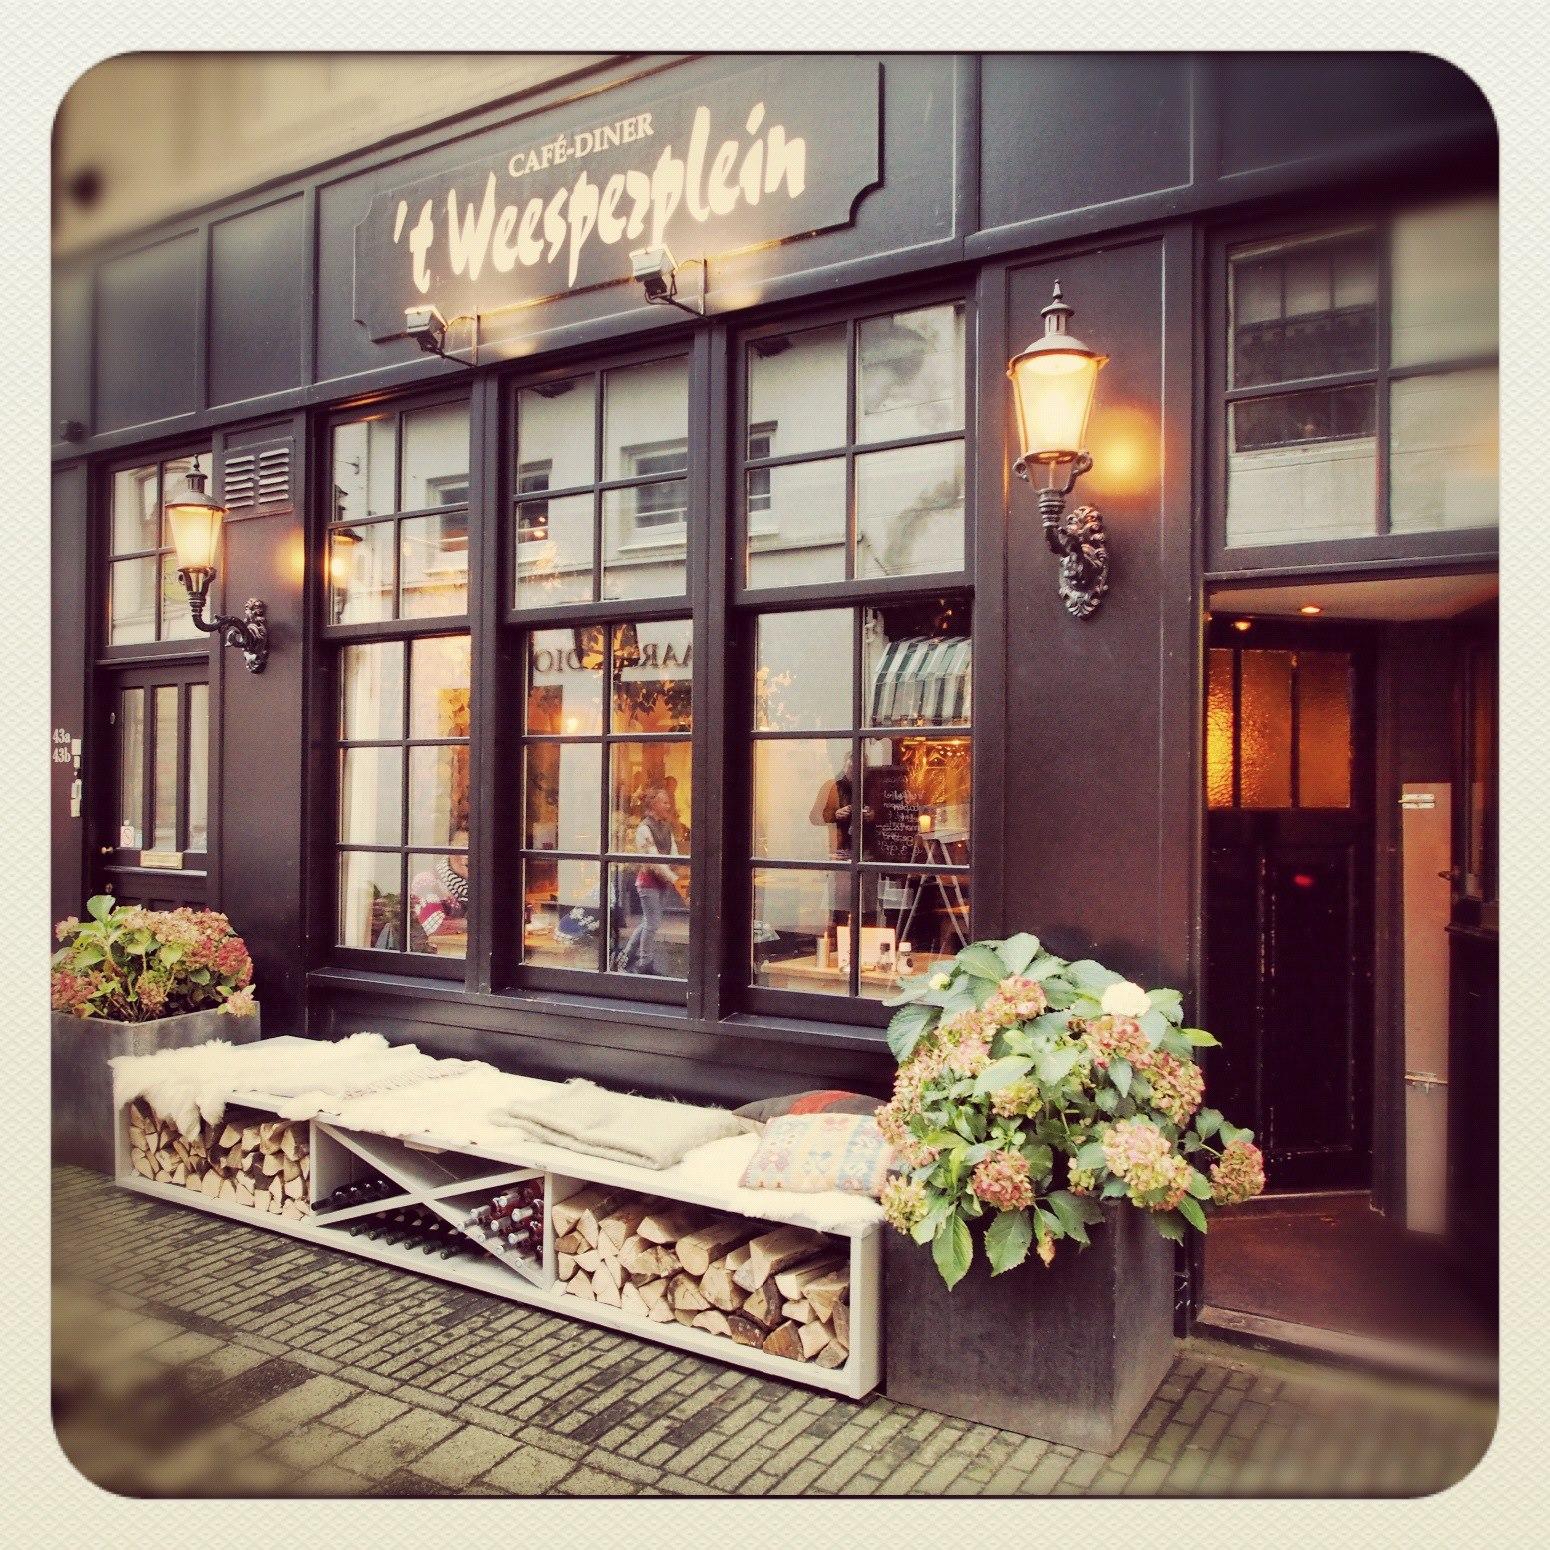 Afbeelding Café-diner 't Weesperplein - Theaterwijzer